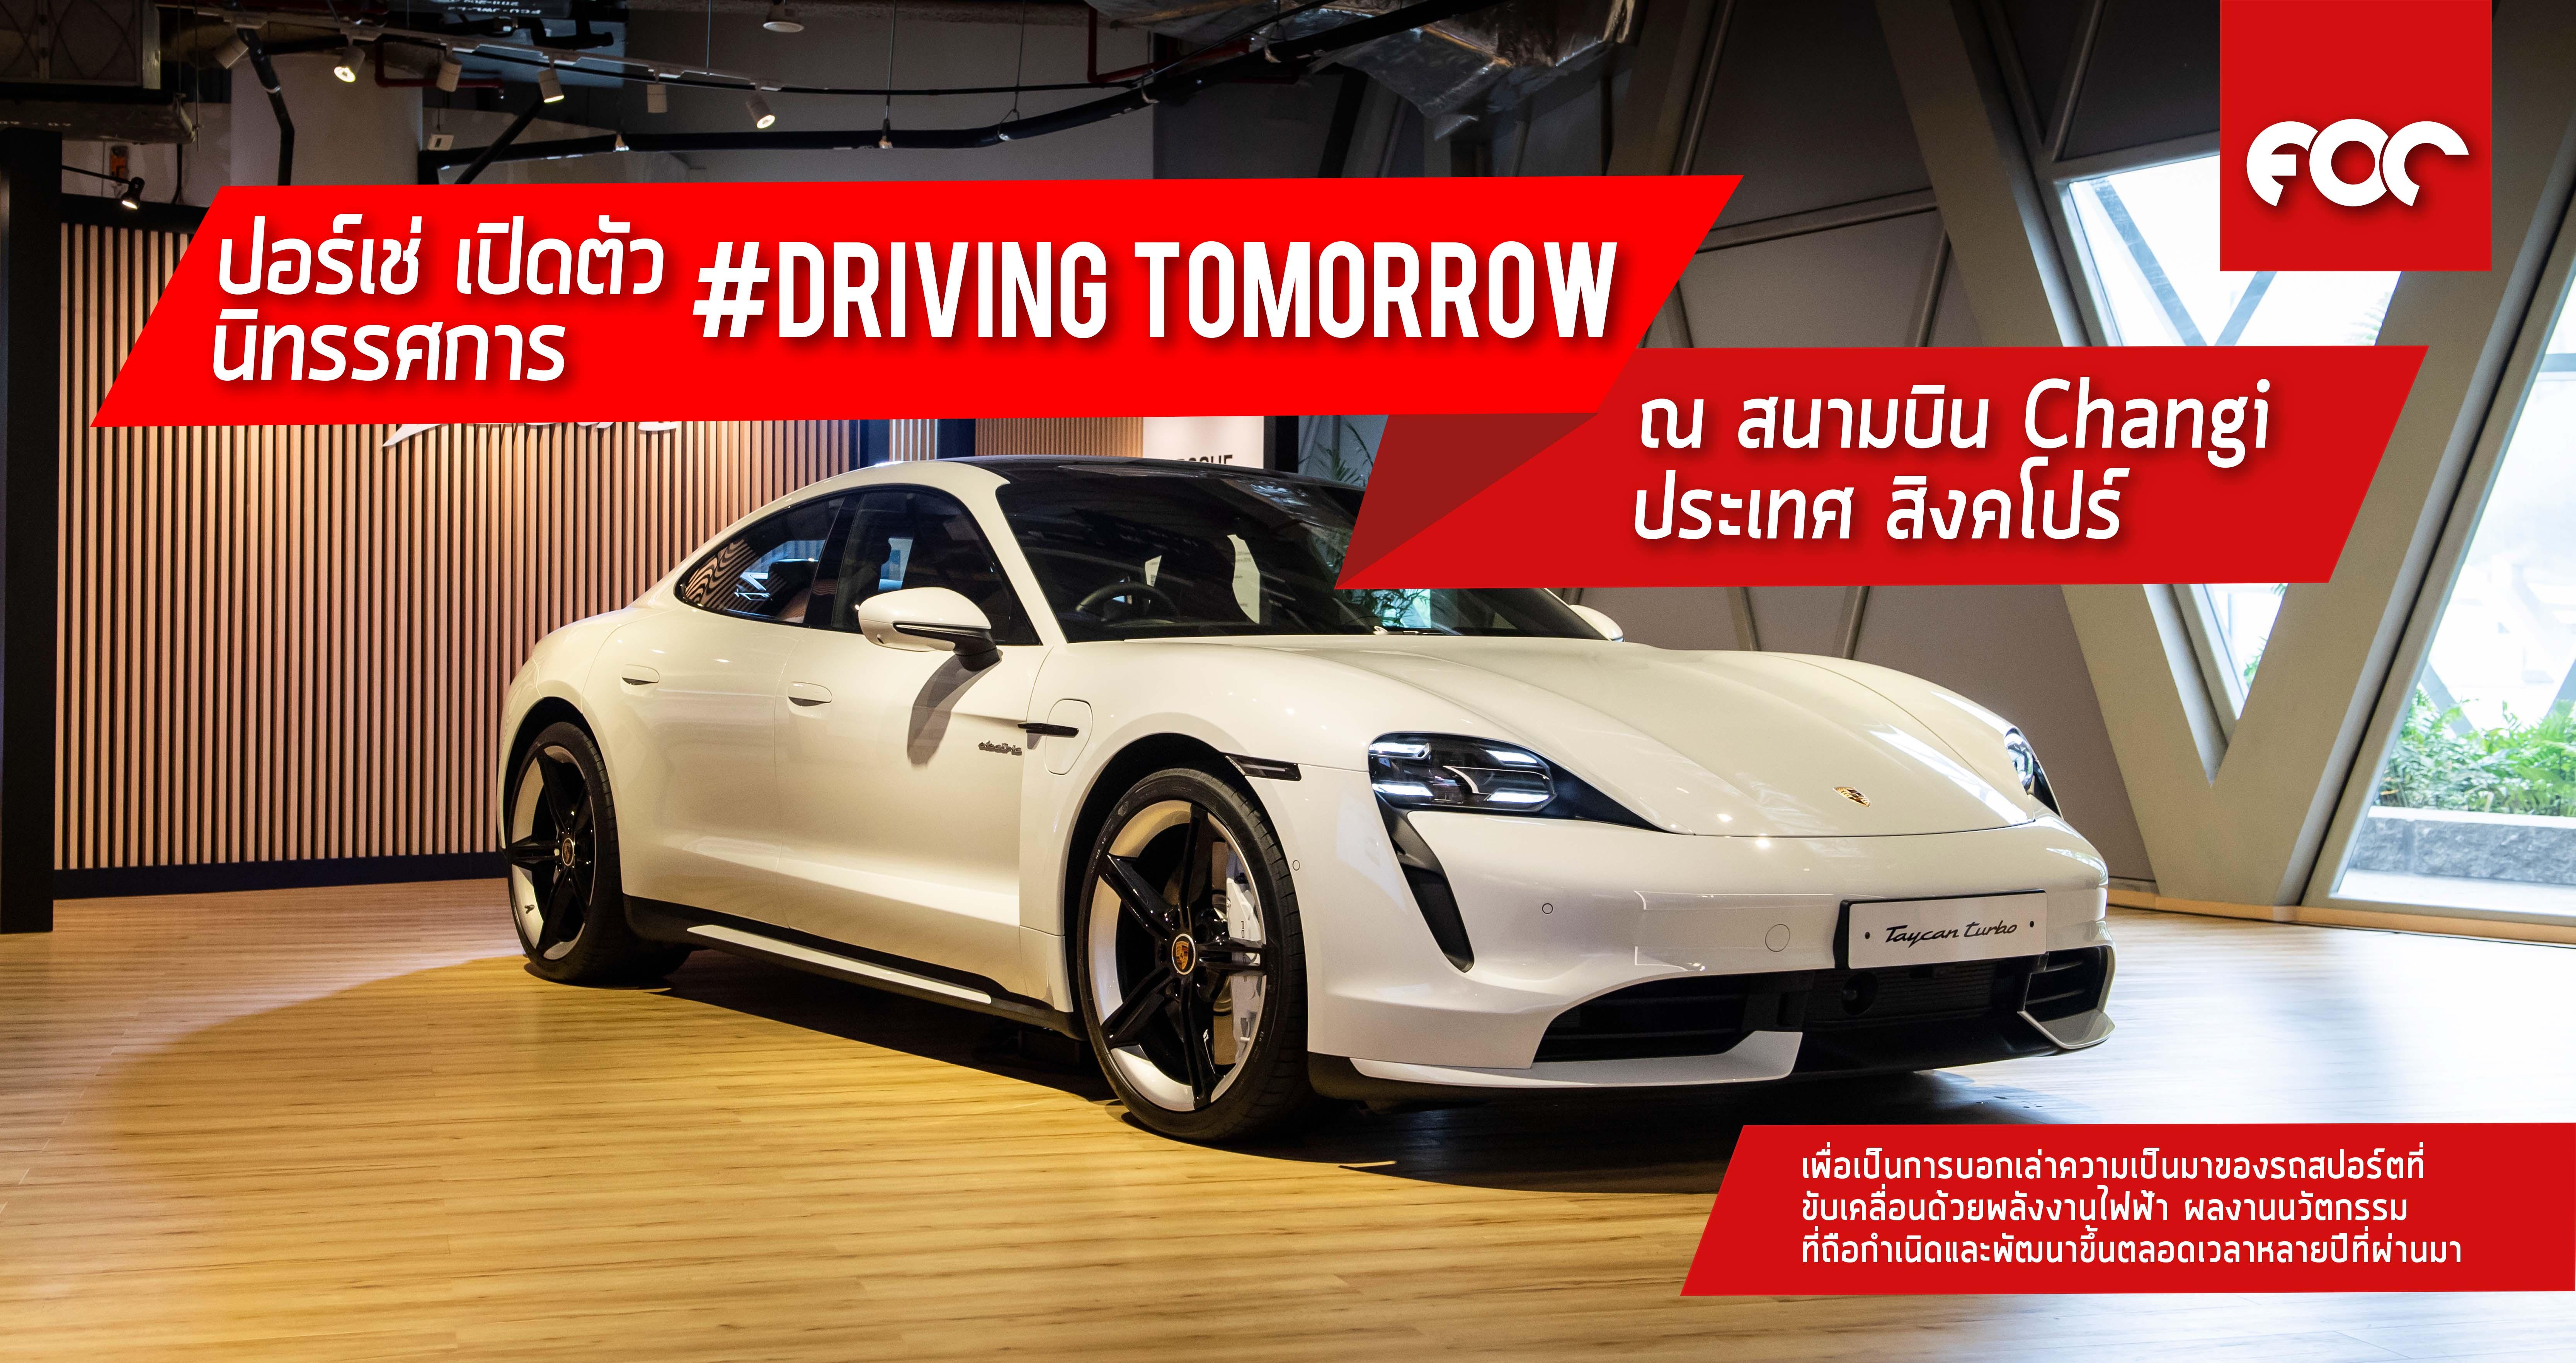 """ปอร์เช่ เปิดตัวนิทรรศการ """"#DrivingTomorrow"""" ณ สนามบิน Changi ประเทศ สิงคโปร์"""